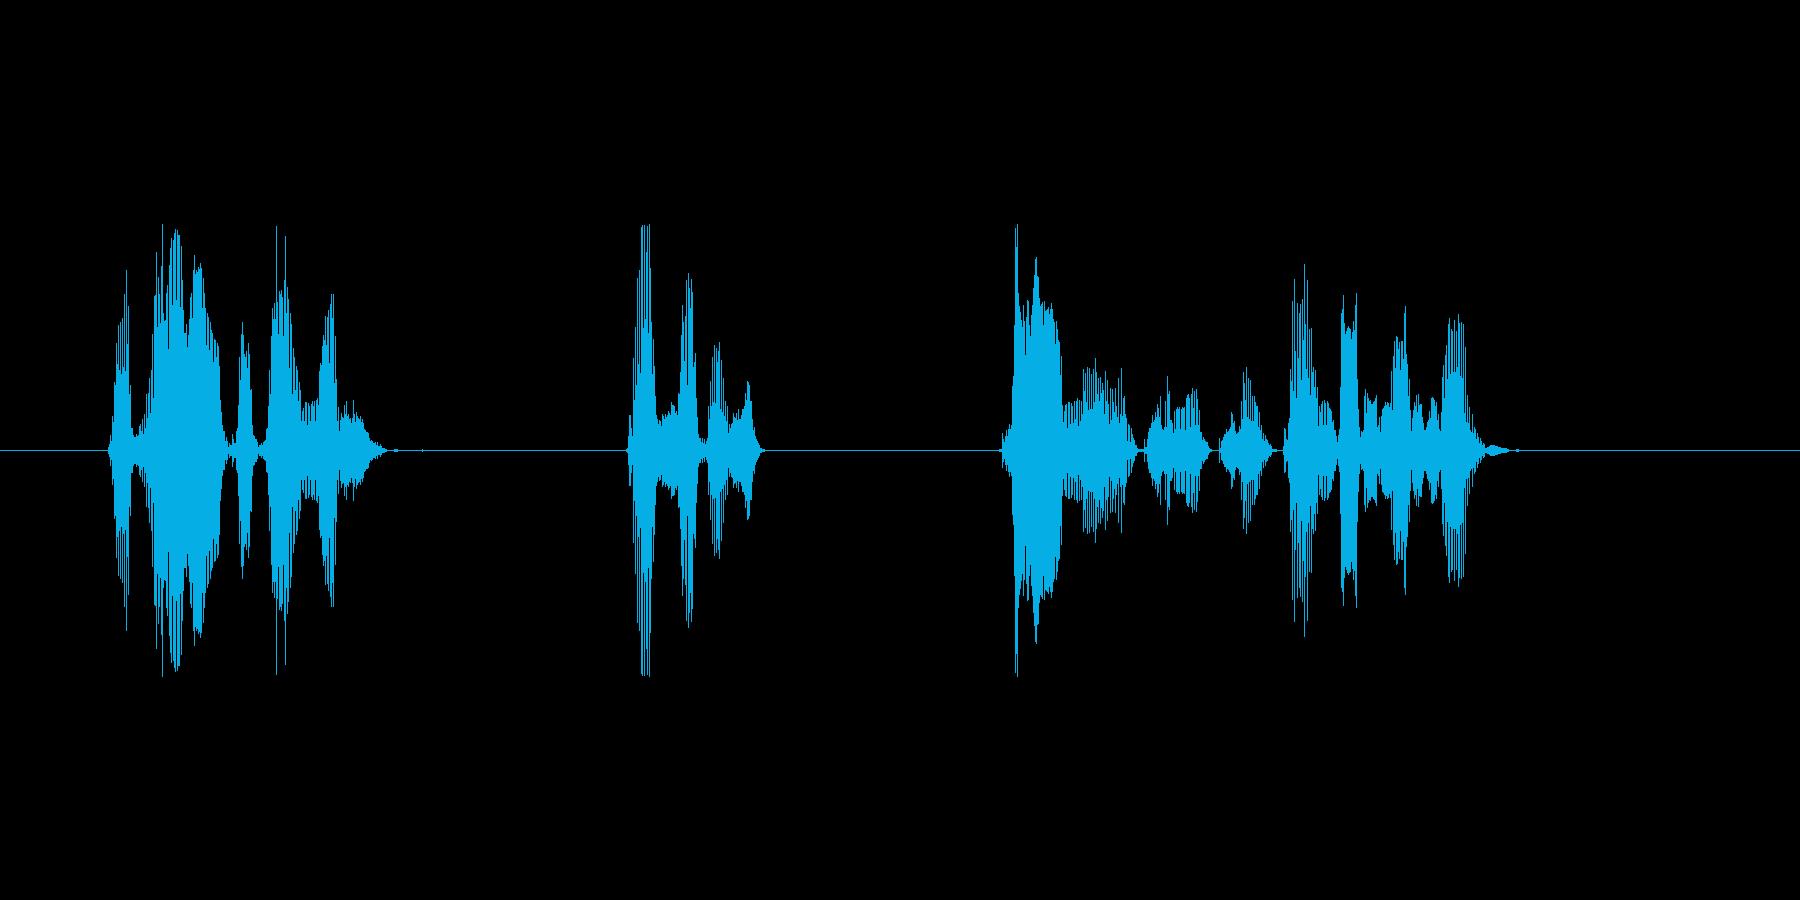 目覚まし用音声の再生済みの波形